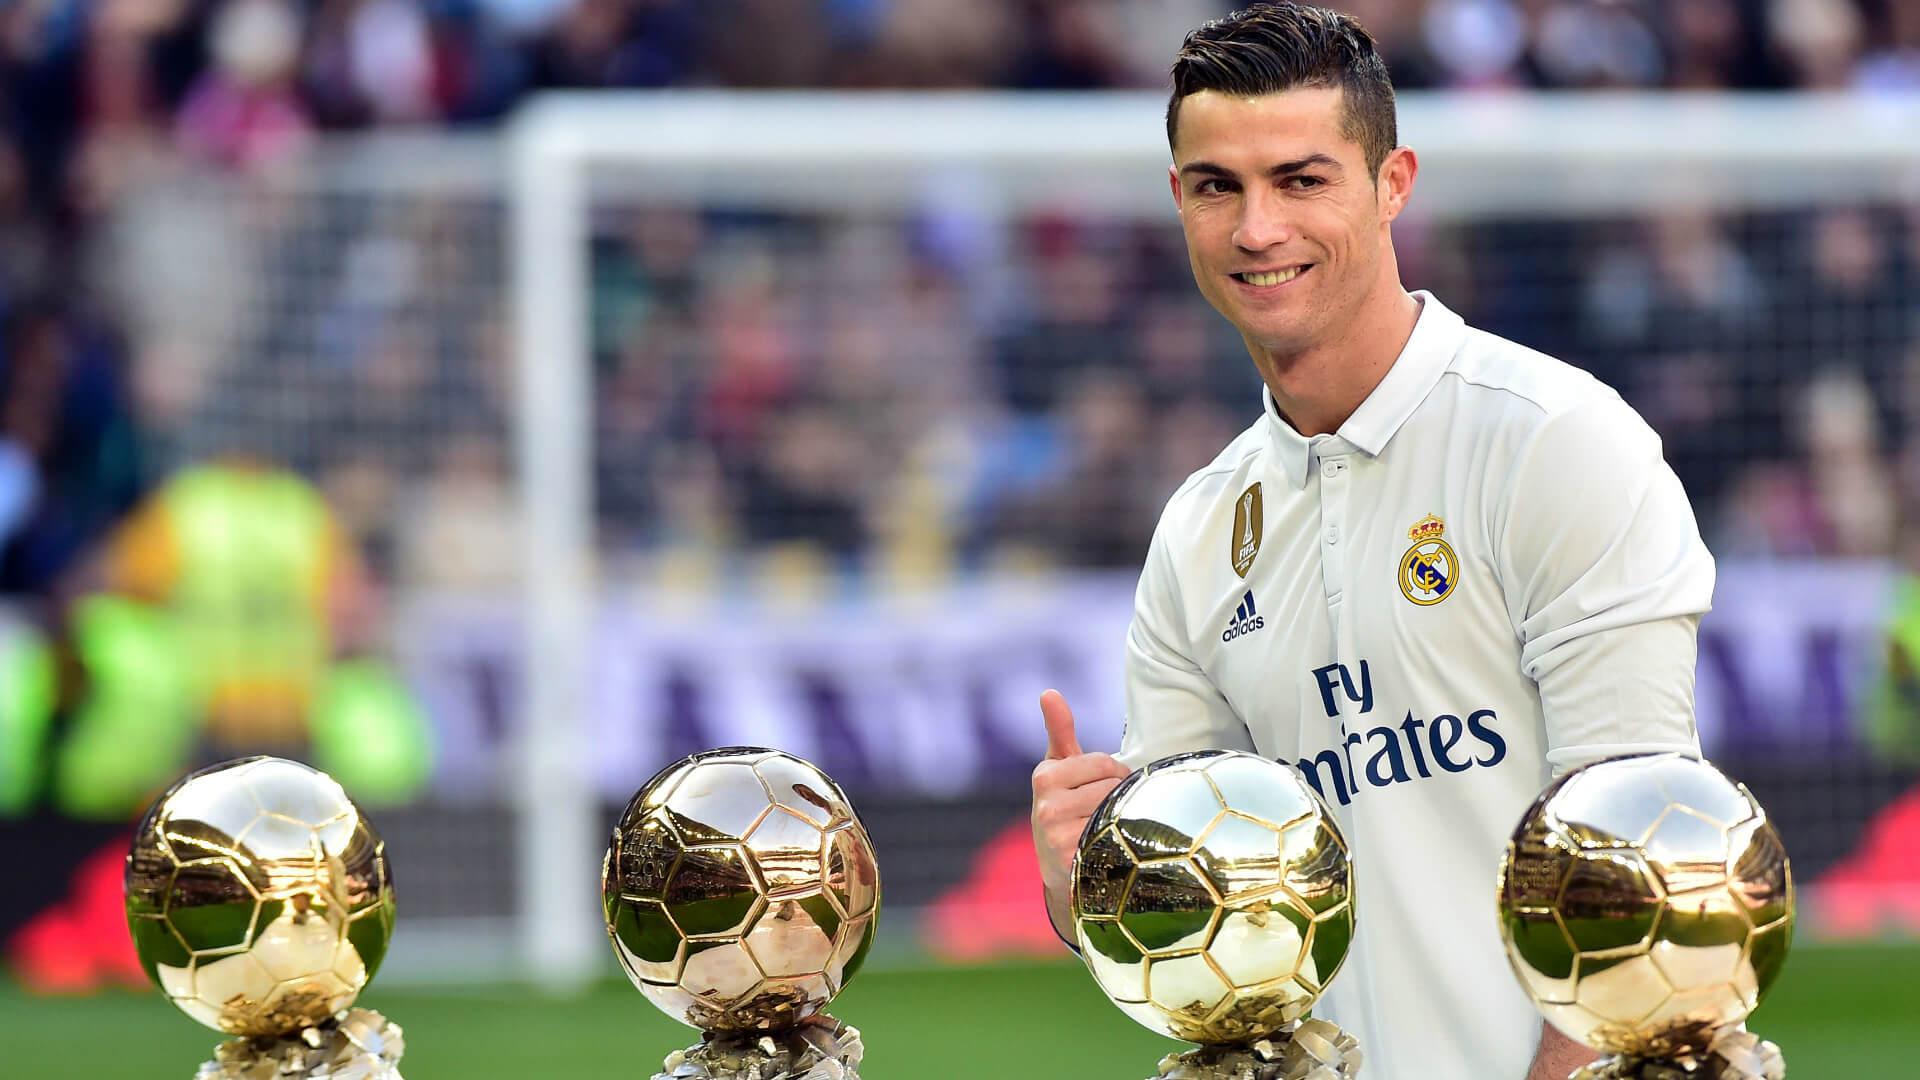 Cristiano Ronaldo - Top 10 Richest Sportsman in The World